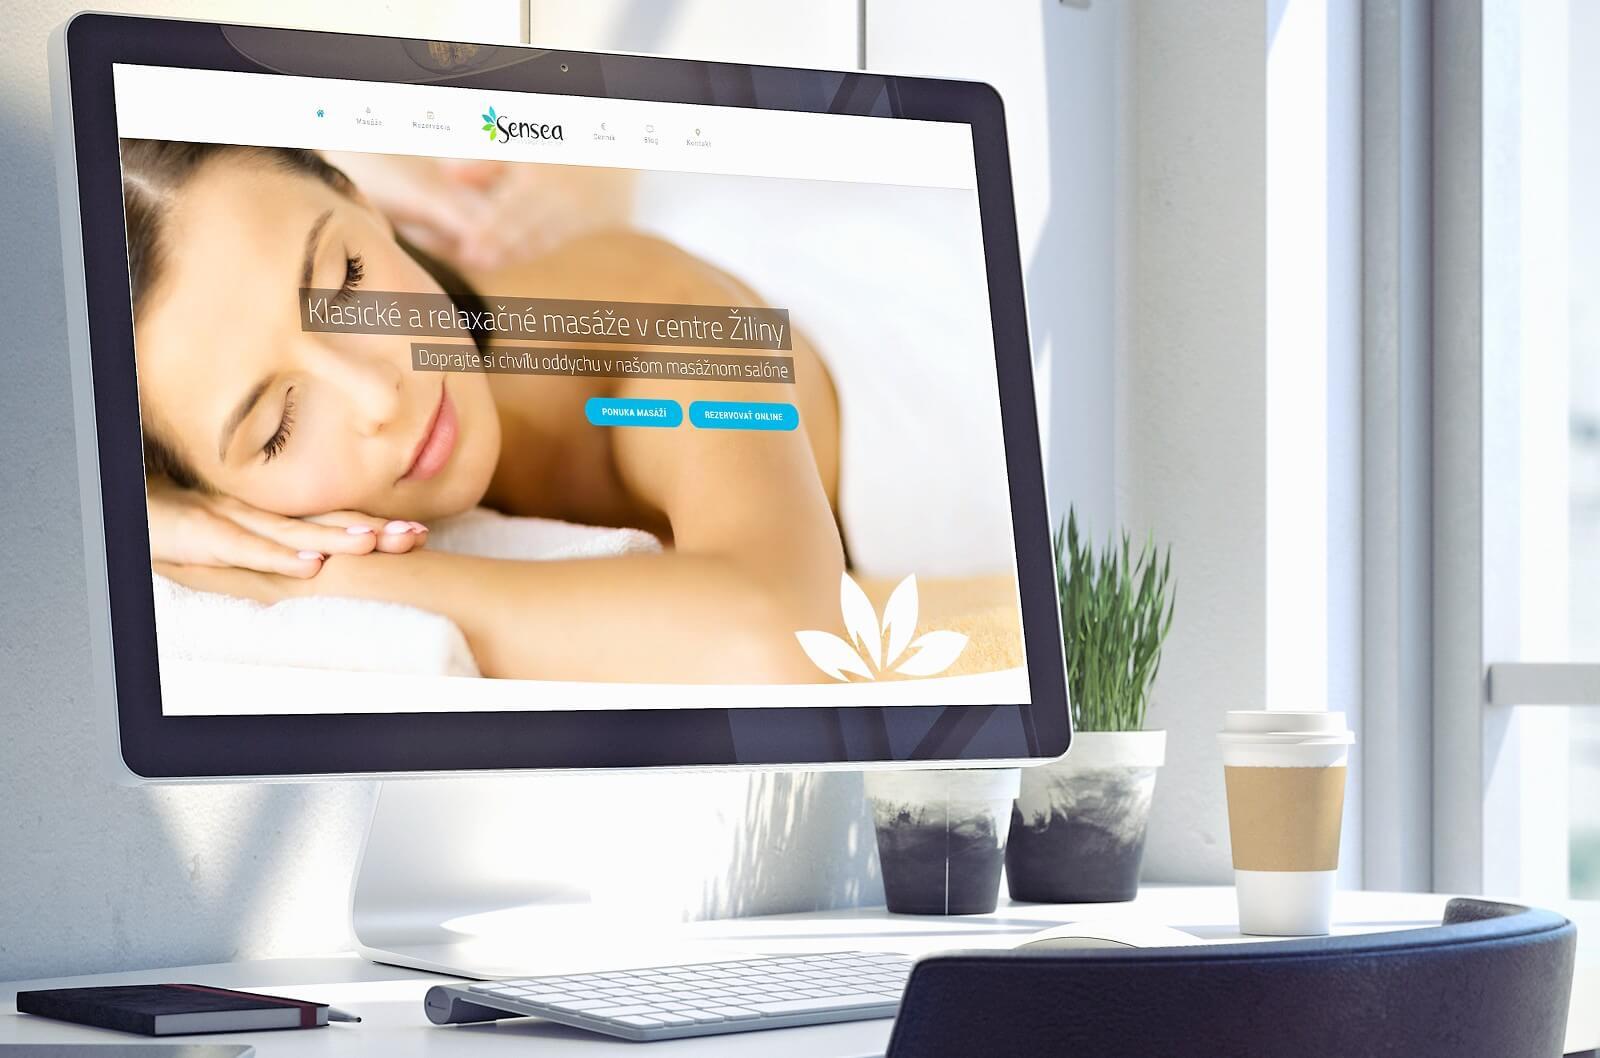 Tvorba webovej stránky pre masážny salón www.sensea.sk | Webovica.sk